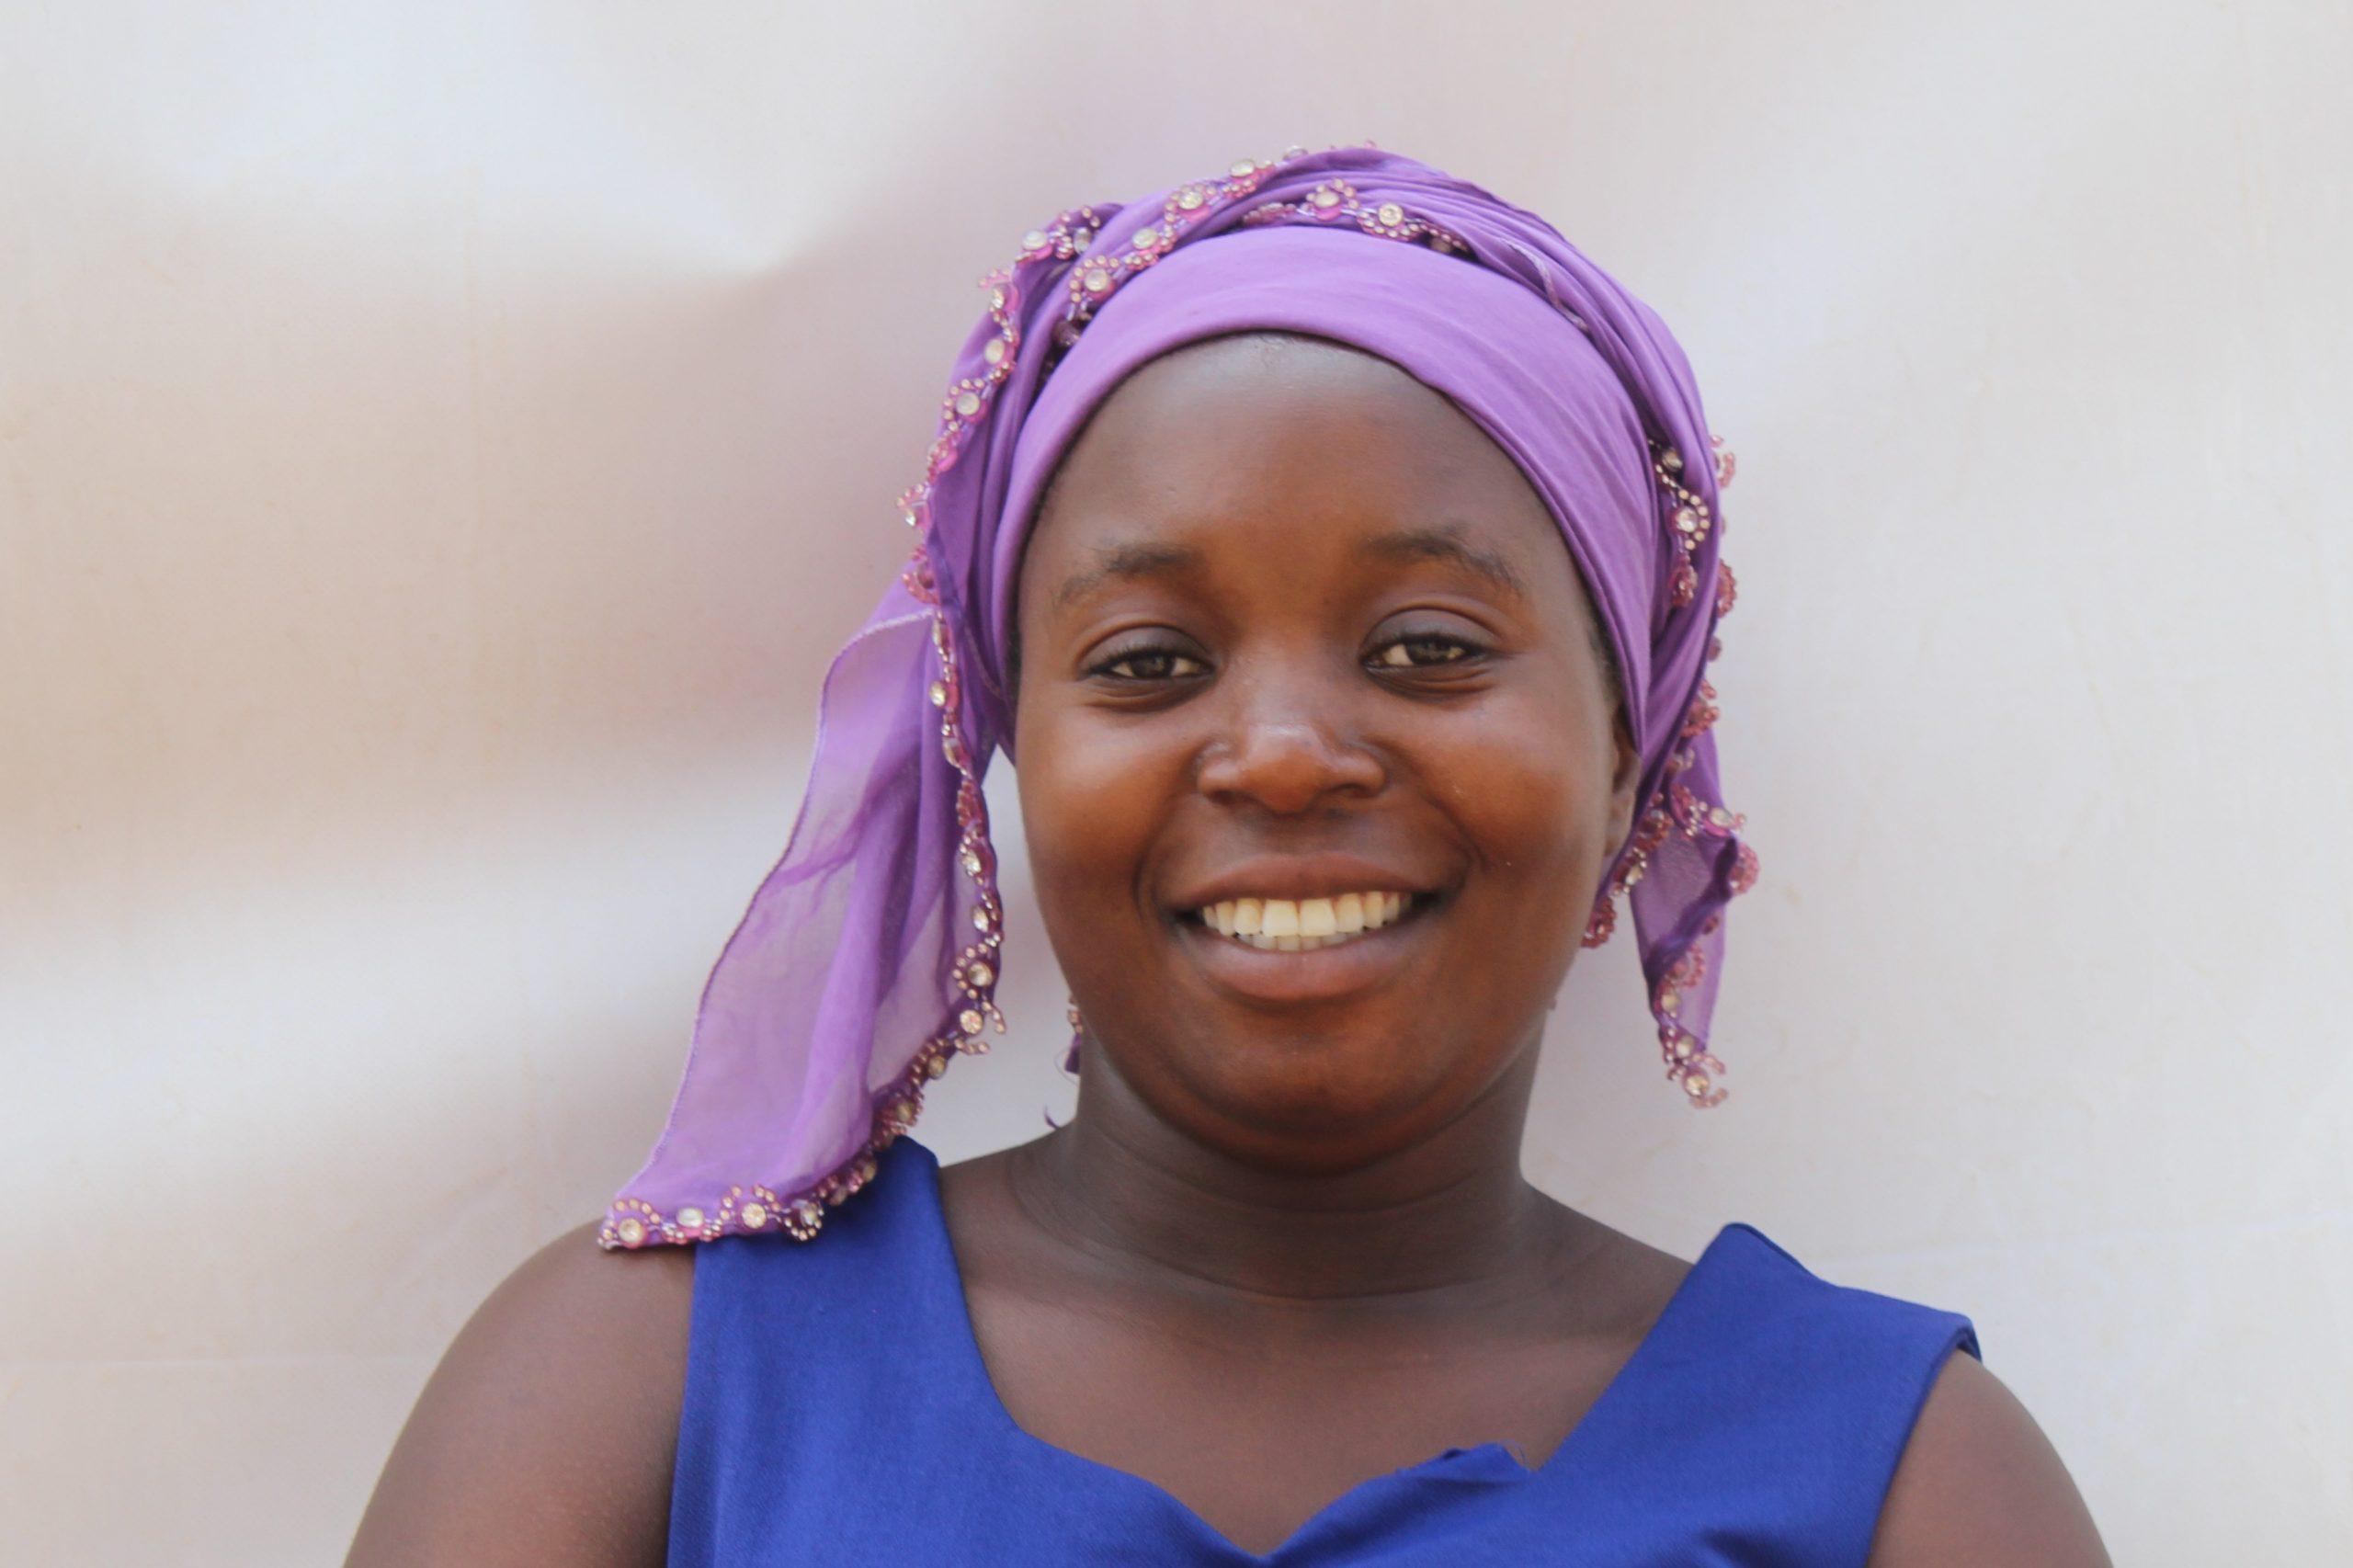 Sarah Muhawe